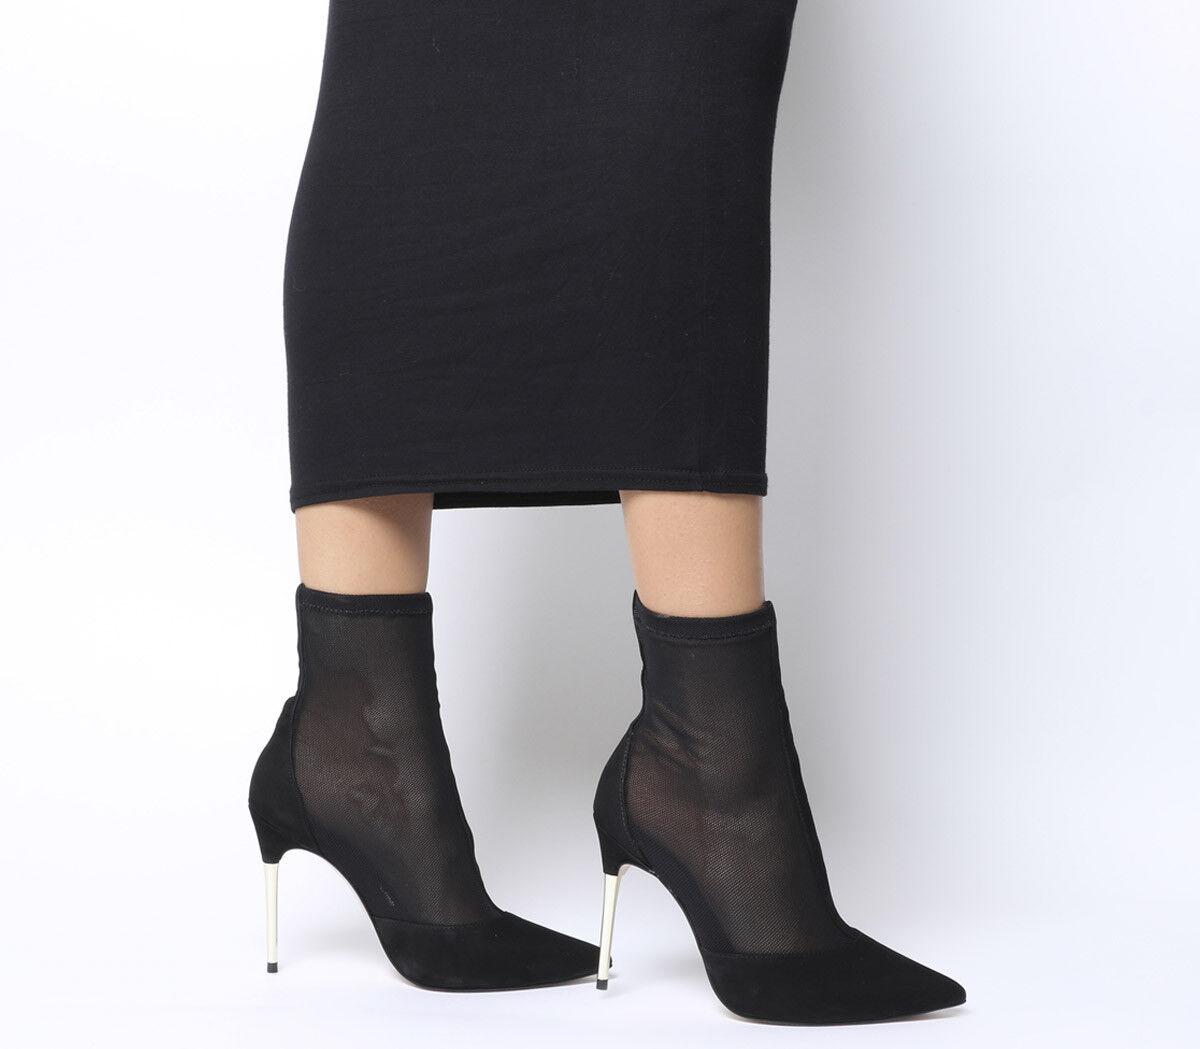 Femme Bureau feu Métal Talon Chaussettes Bottes en Résille Noire Bottes